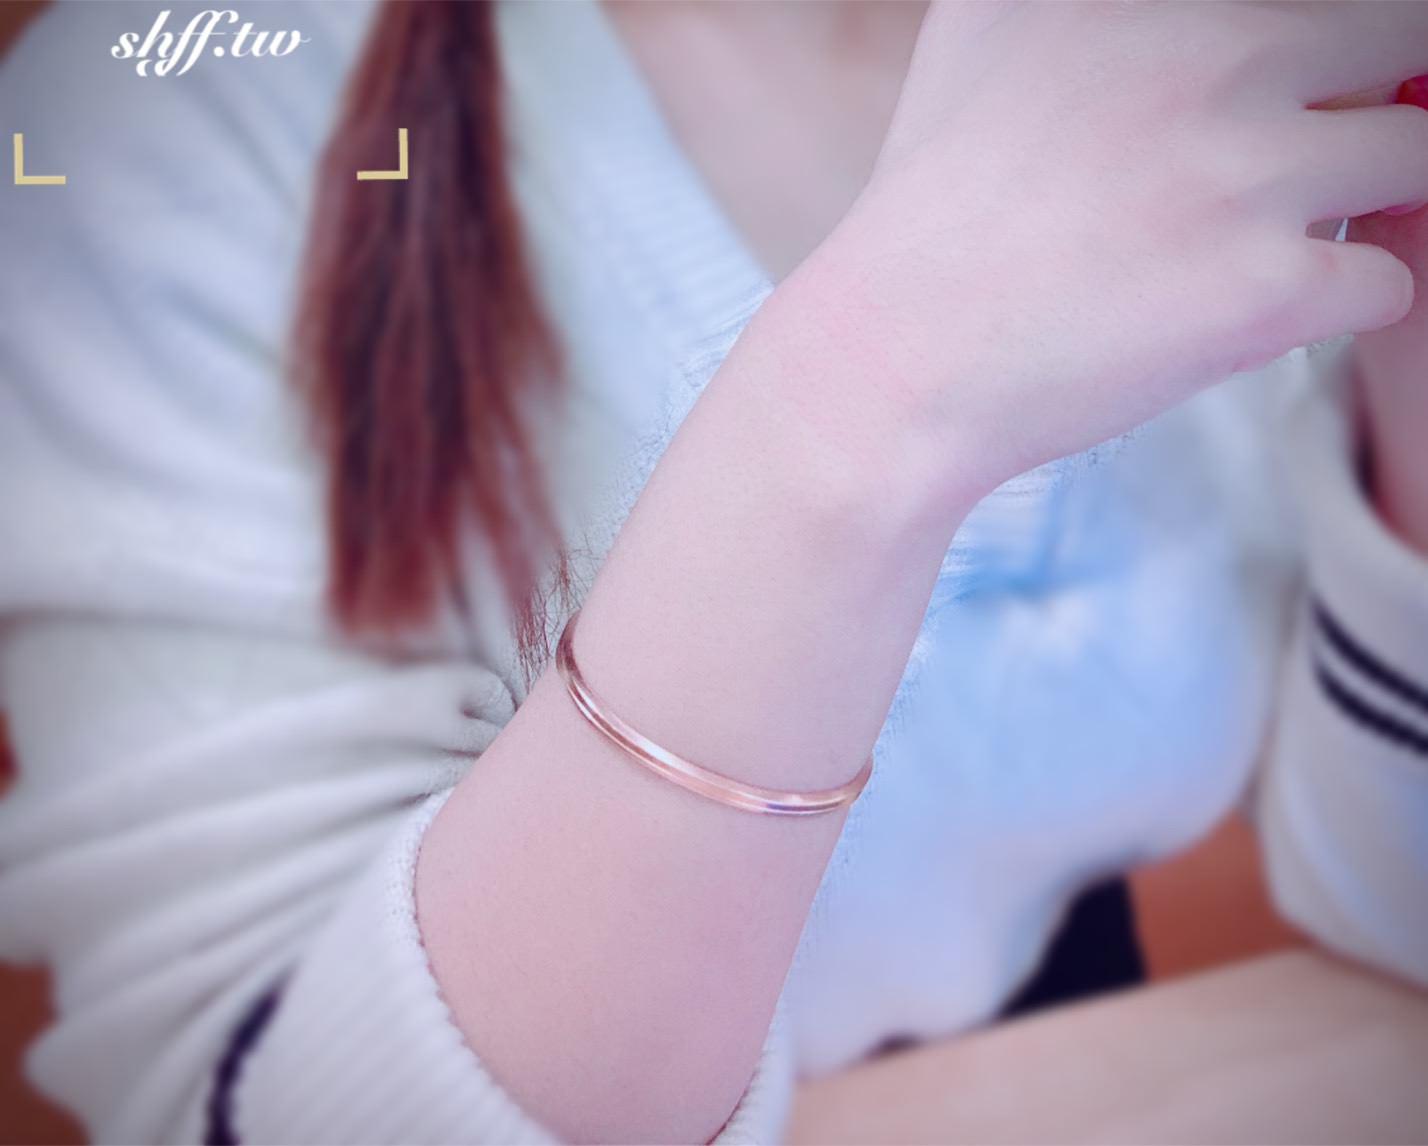 手錶,手錶推薦,Maven Watches,Maven Watches手錶,Maven Watches手環,手環推薦,簡單手環,極簡手環